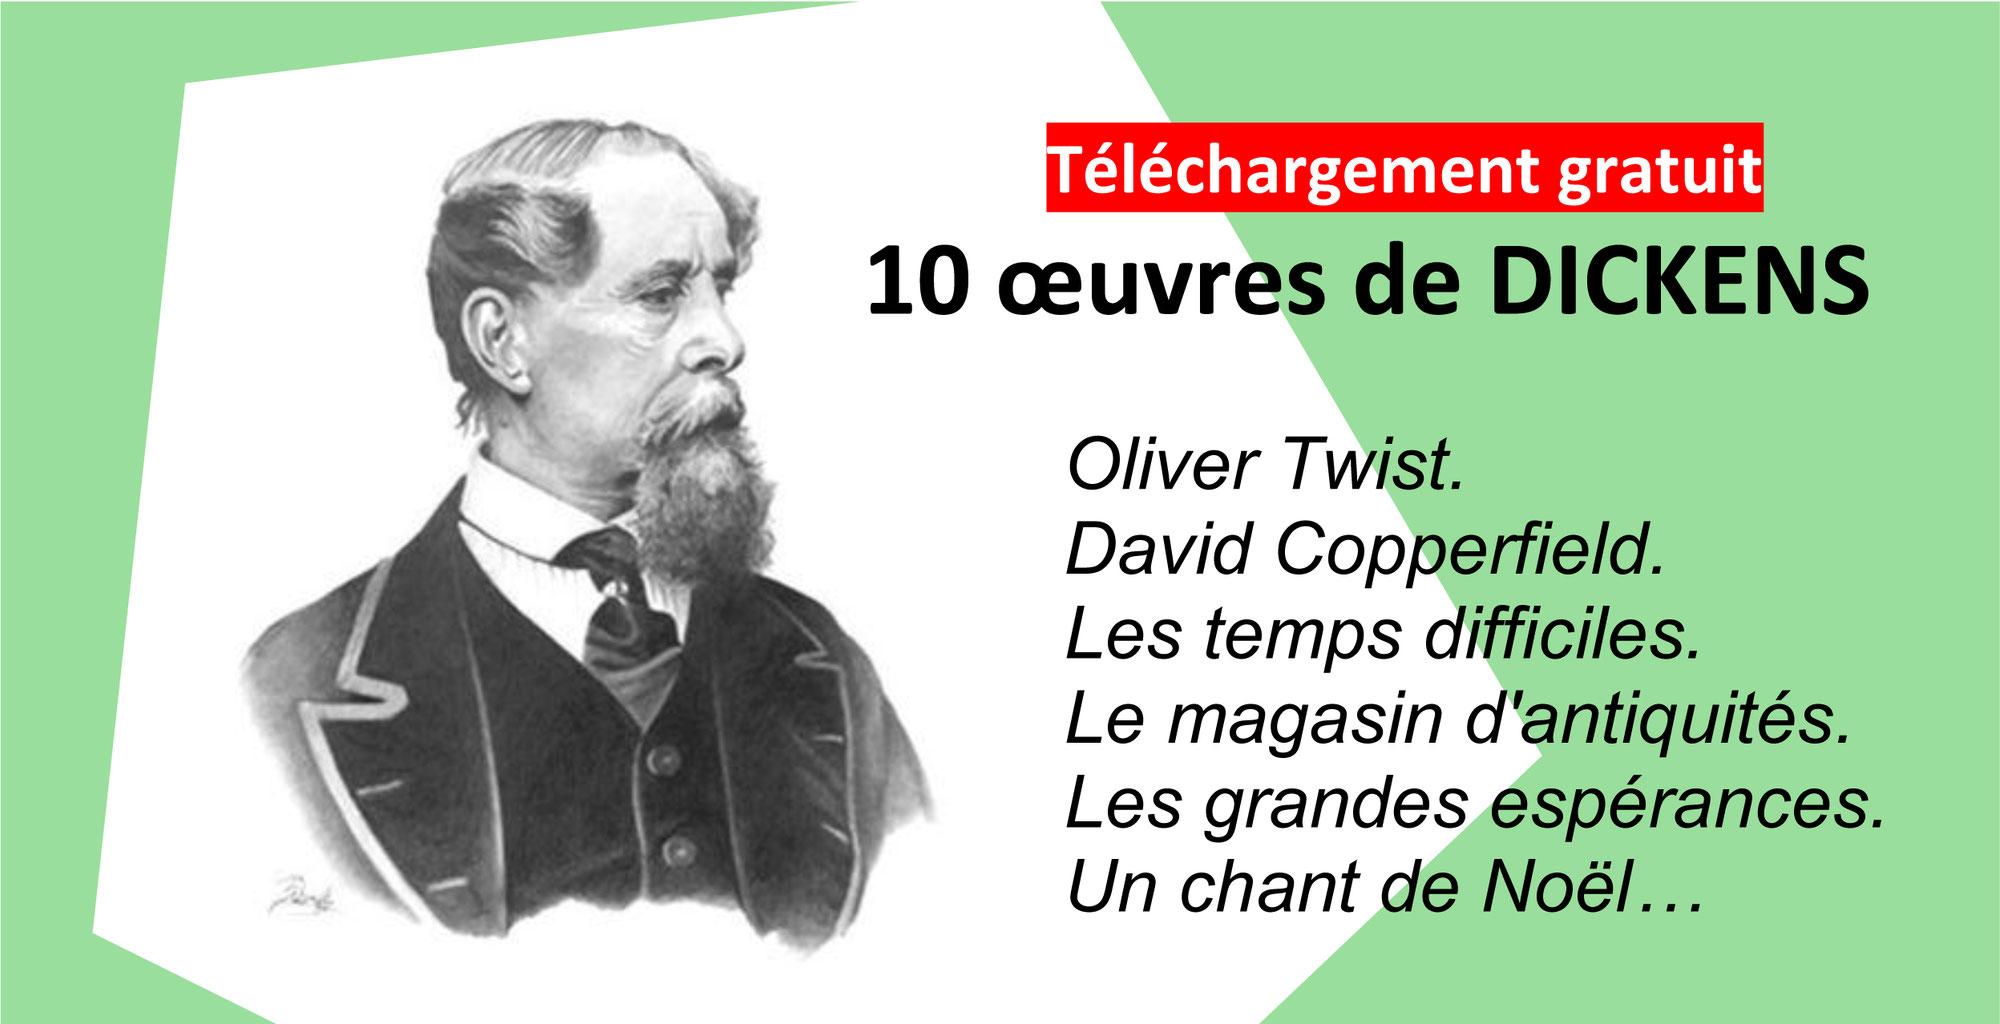 10 OEUVRES DE CHARLES DICKENS en téléchargement gratuit (format PDF et Ebook)